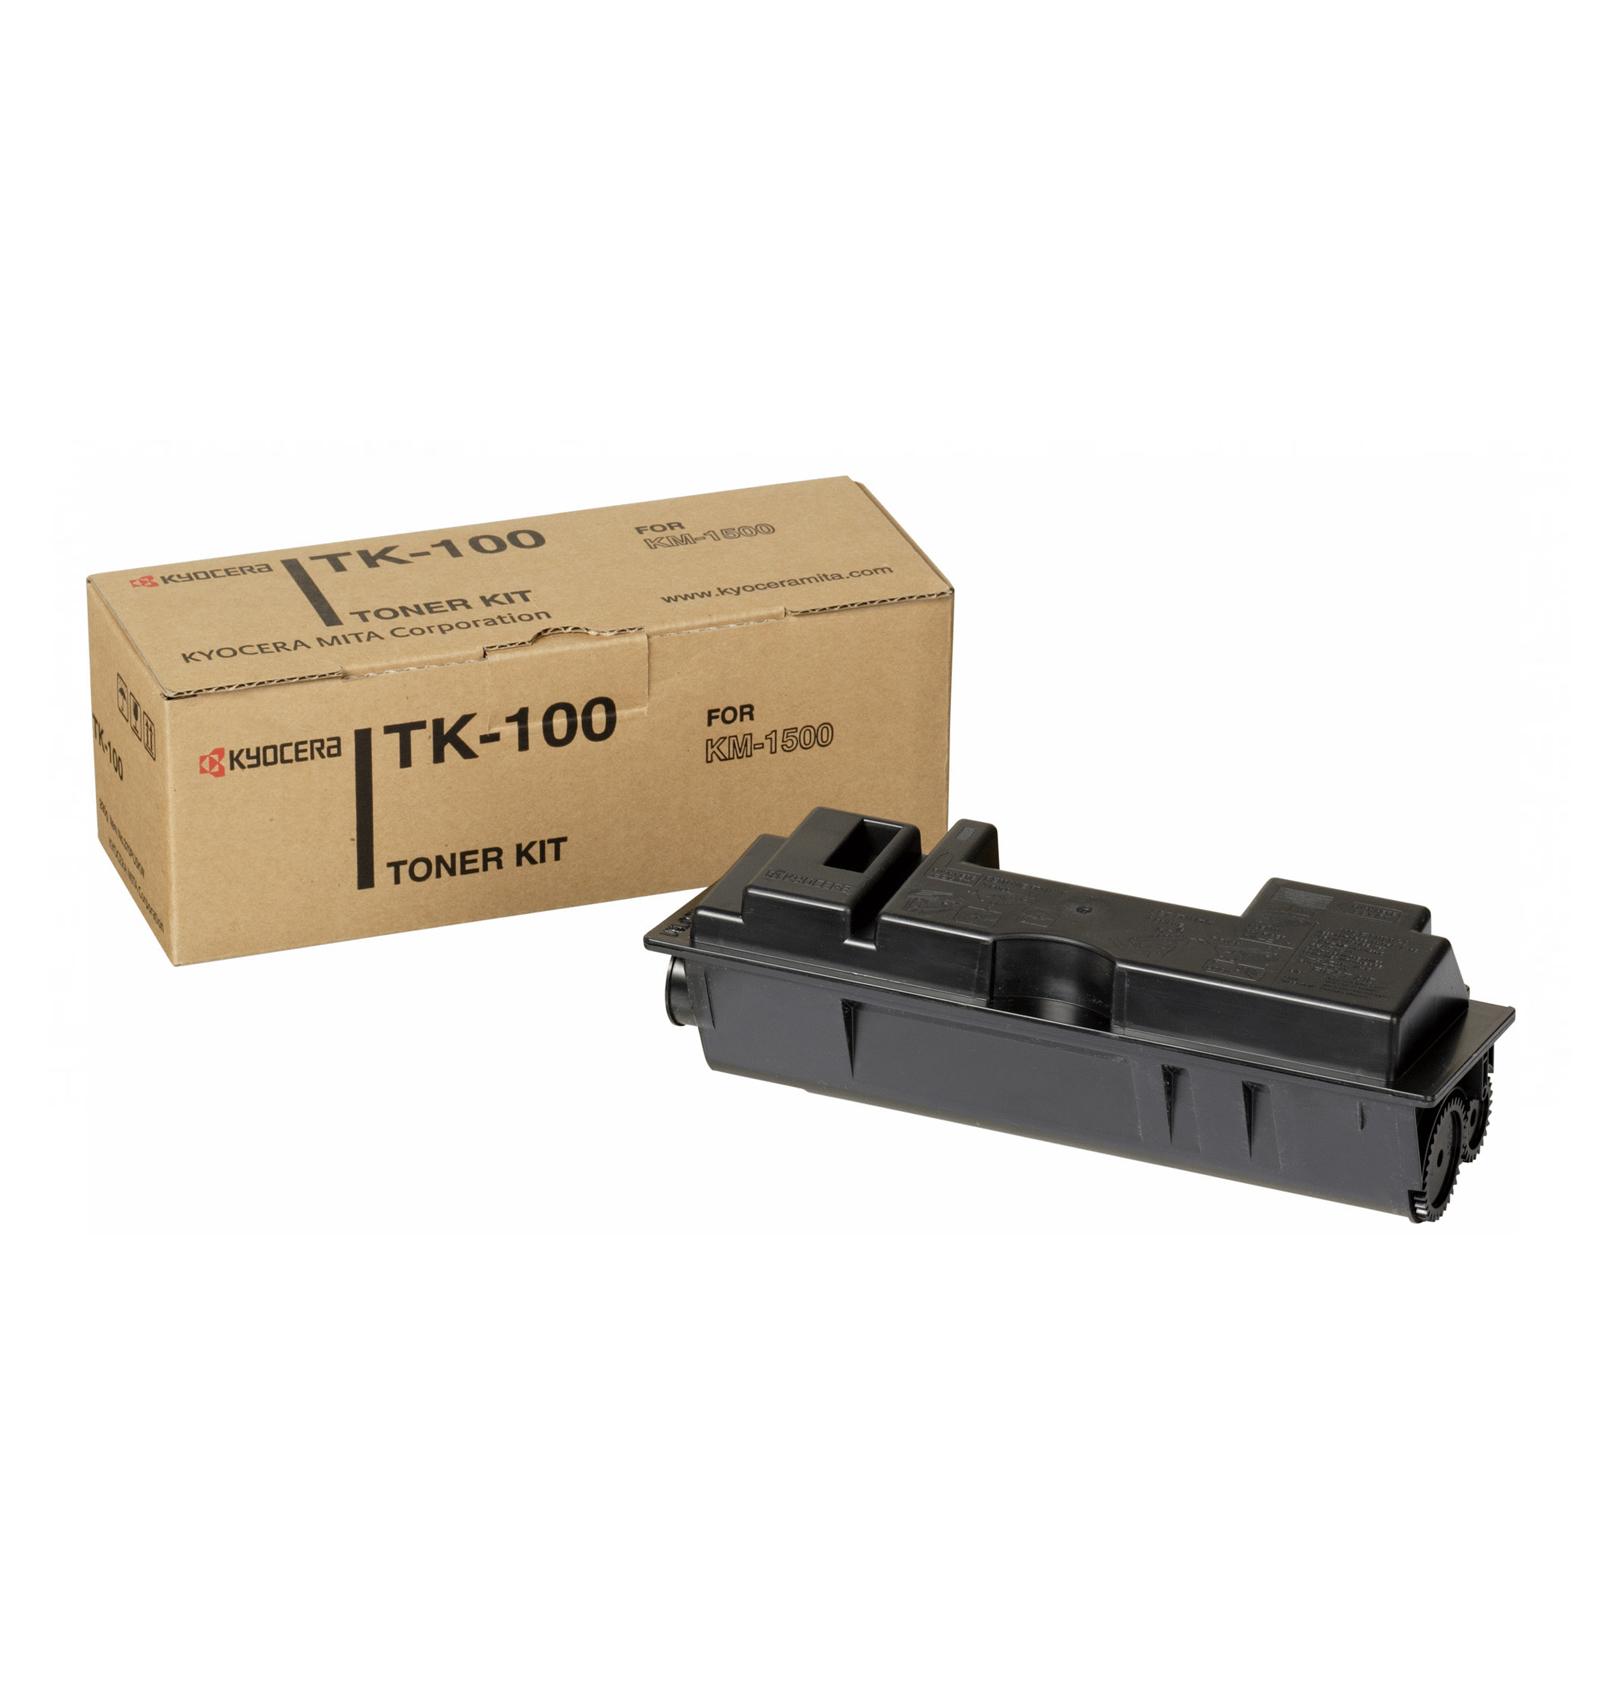 Заправка картриджа Kyocera TK-100 для KM-1500